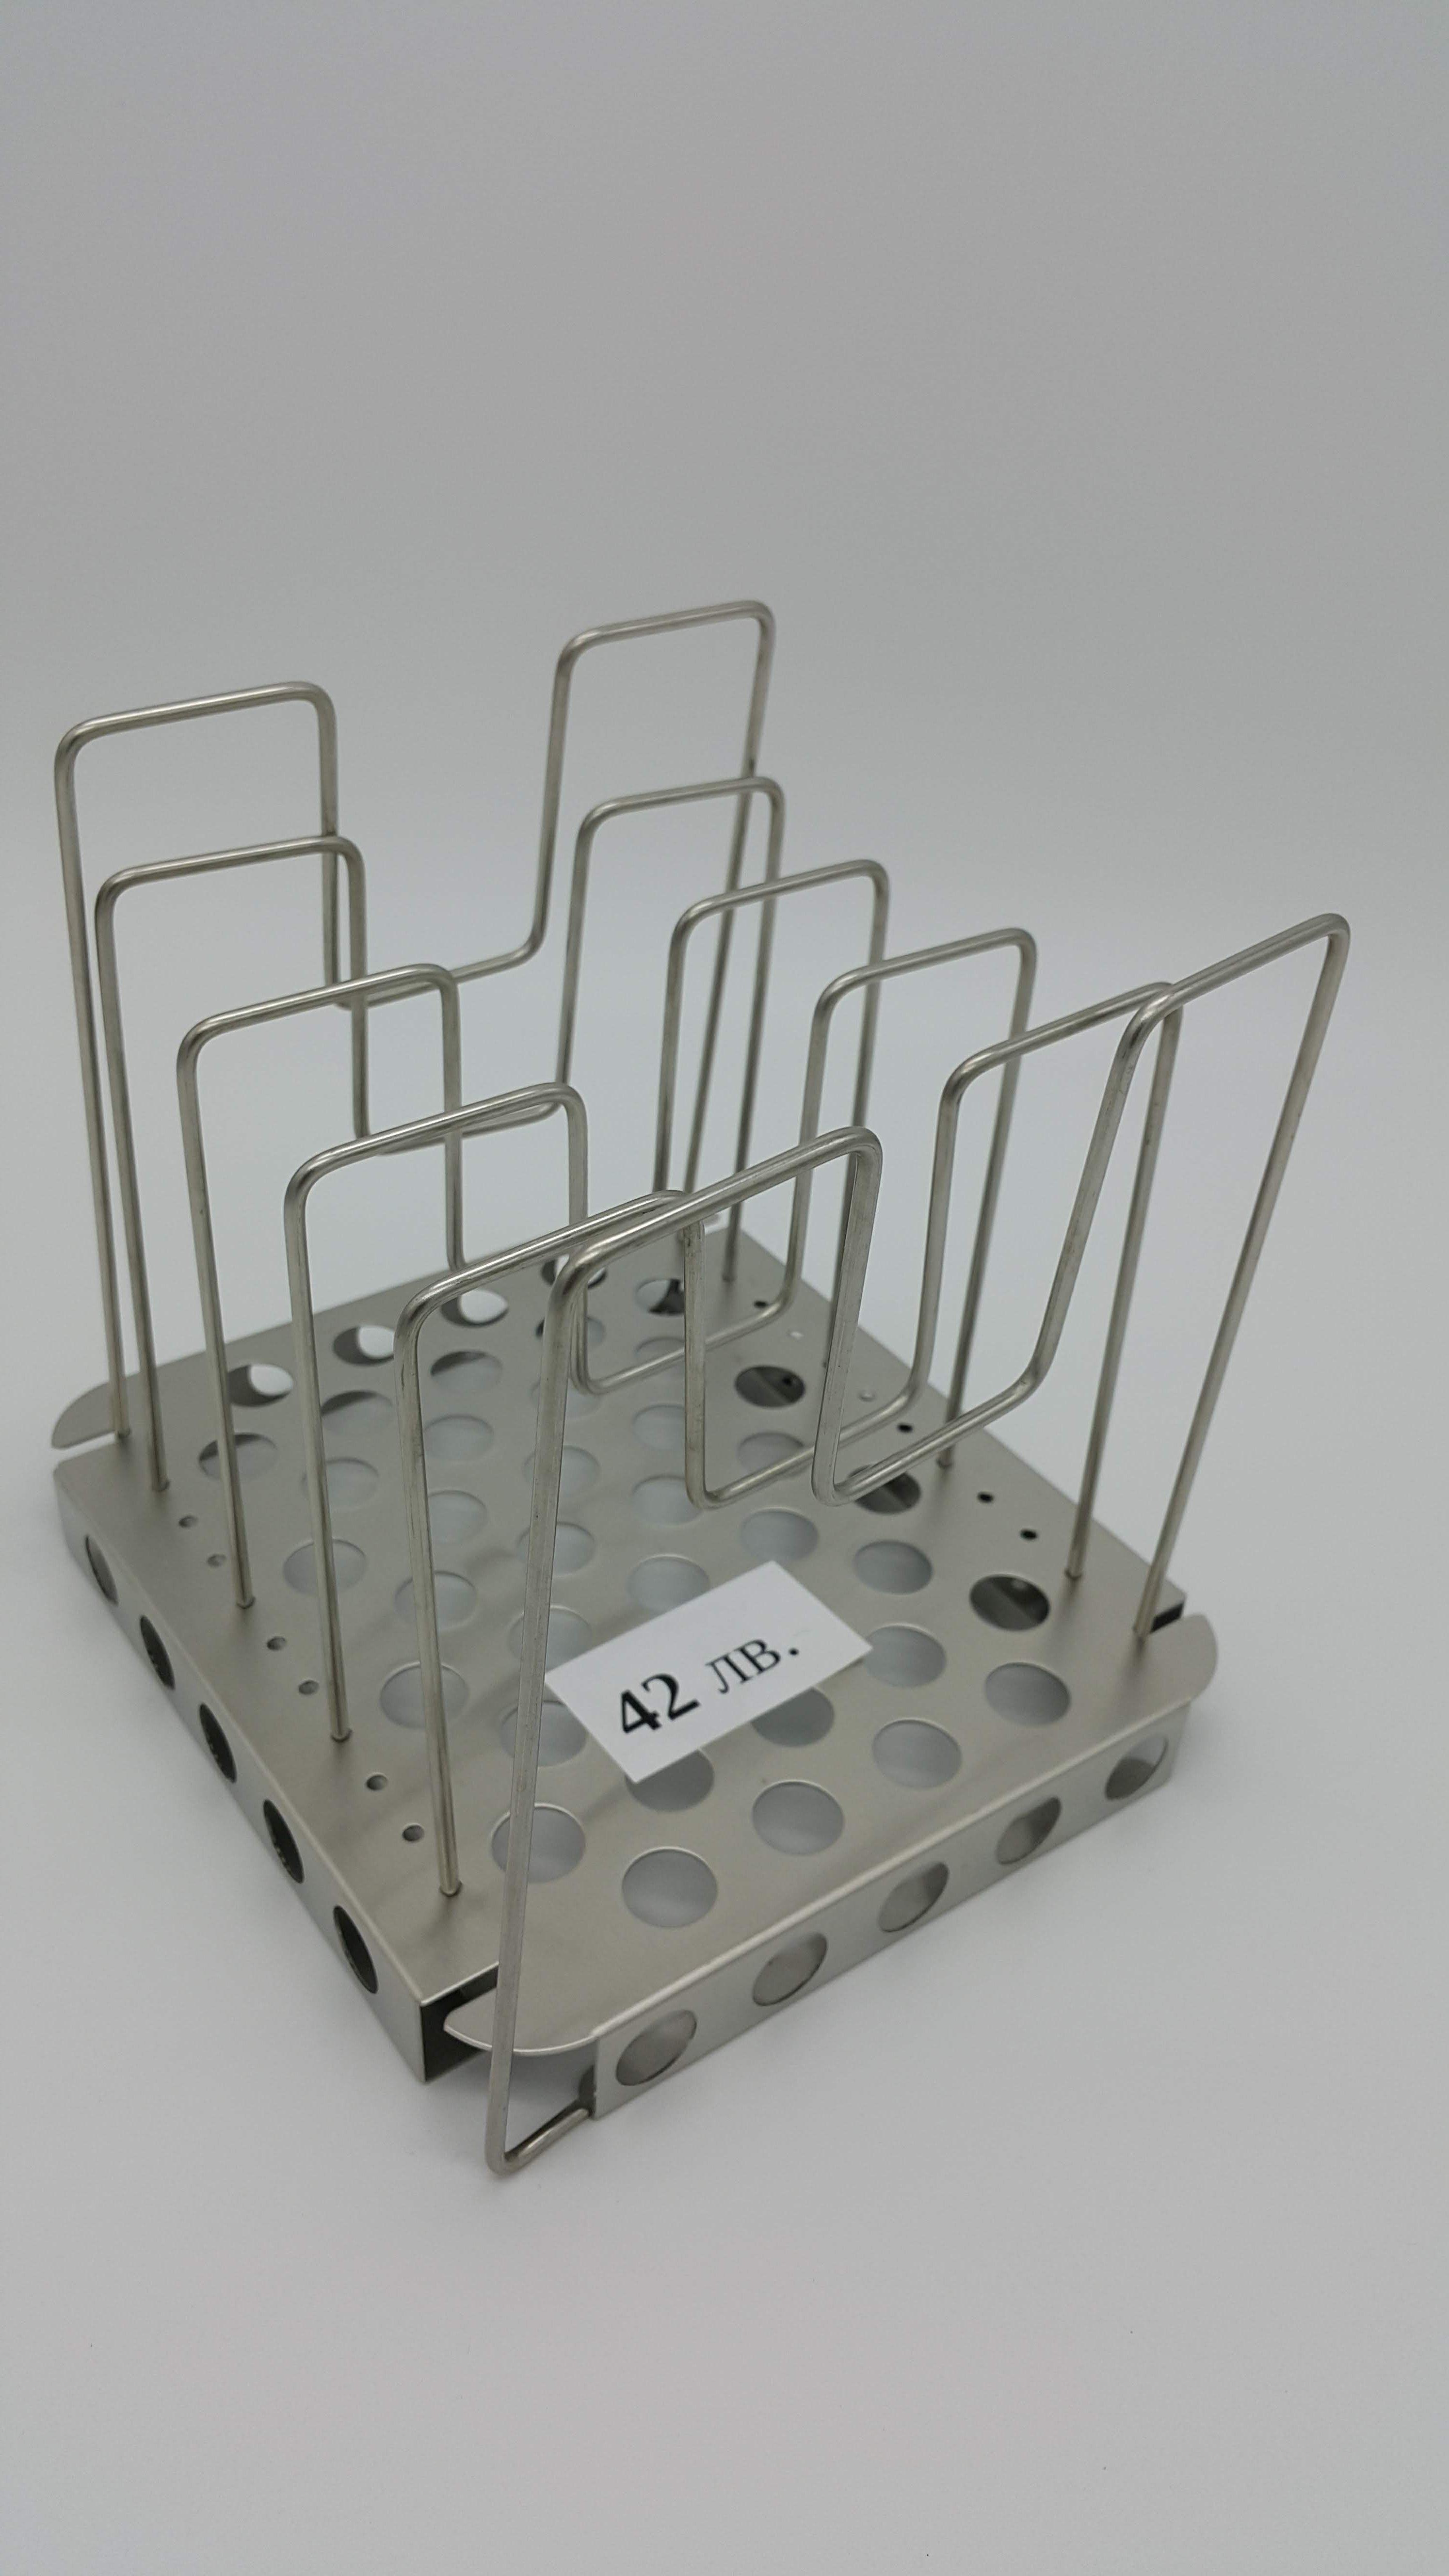 rack for sous vide